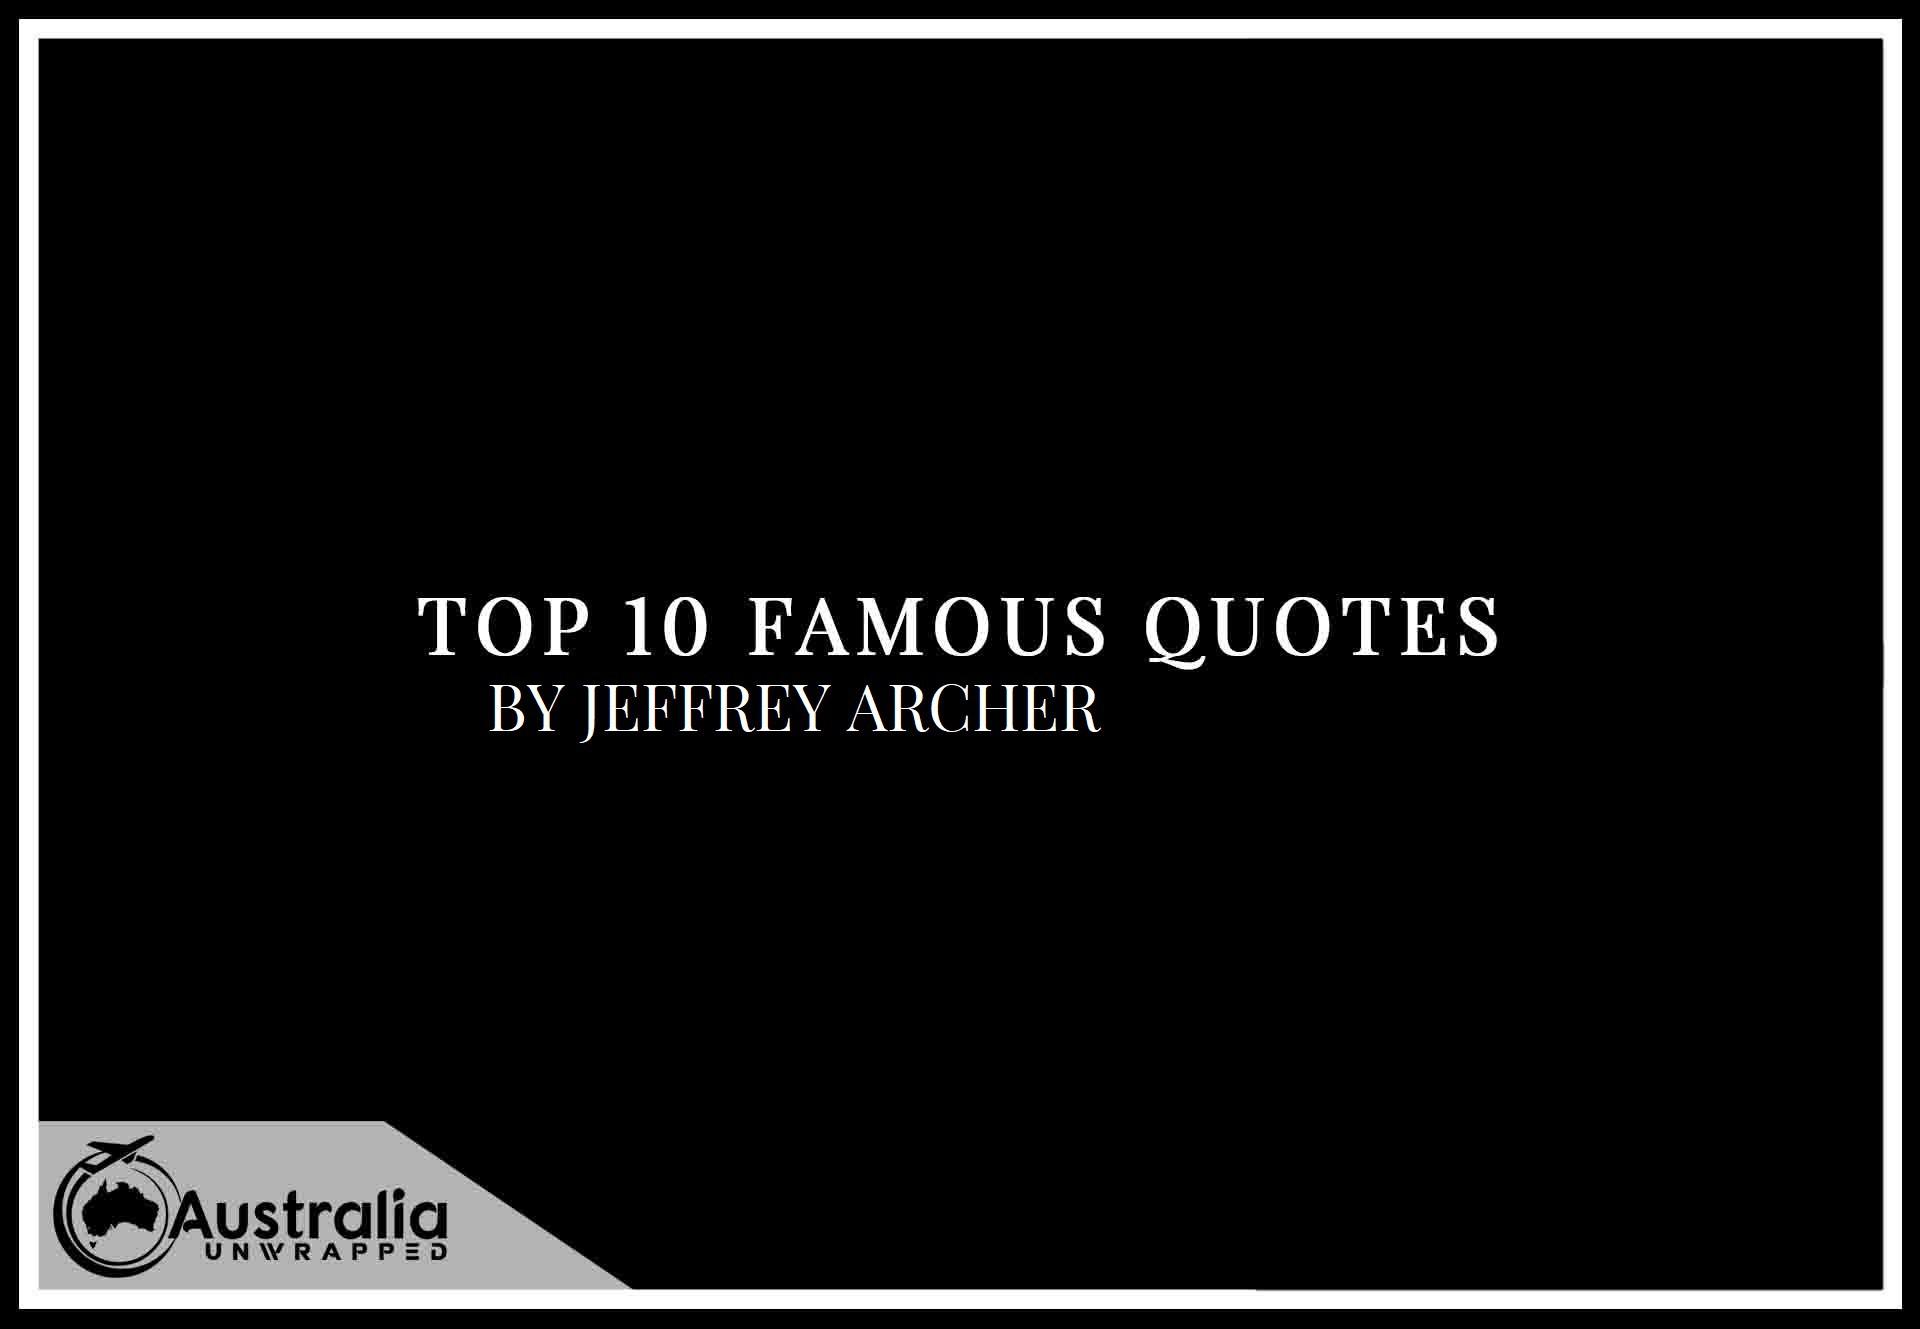 Top 10 Famous Quotes by Author Jeffrey Archer